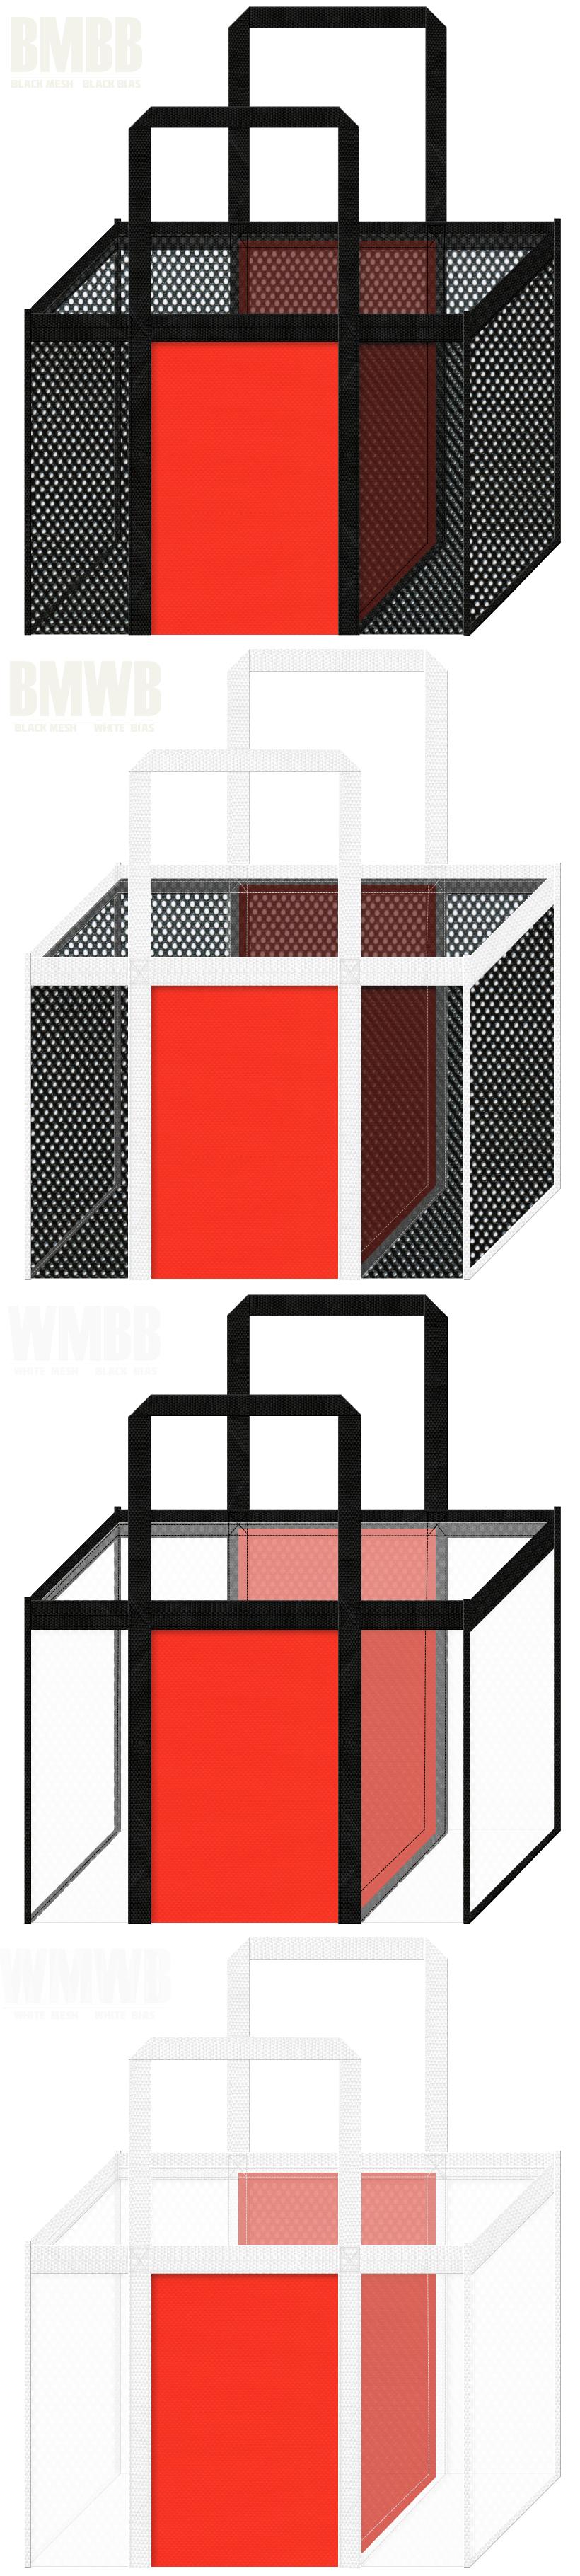 角型メッシュバッグのカラーシミュレーション:黒色・白色メッシュとオレンジ色不織布の組み合わせ